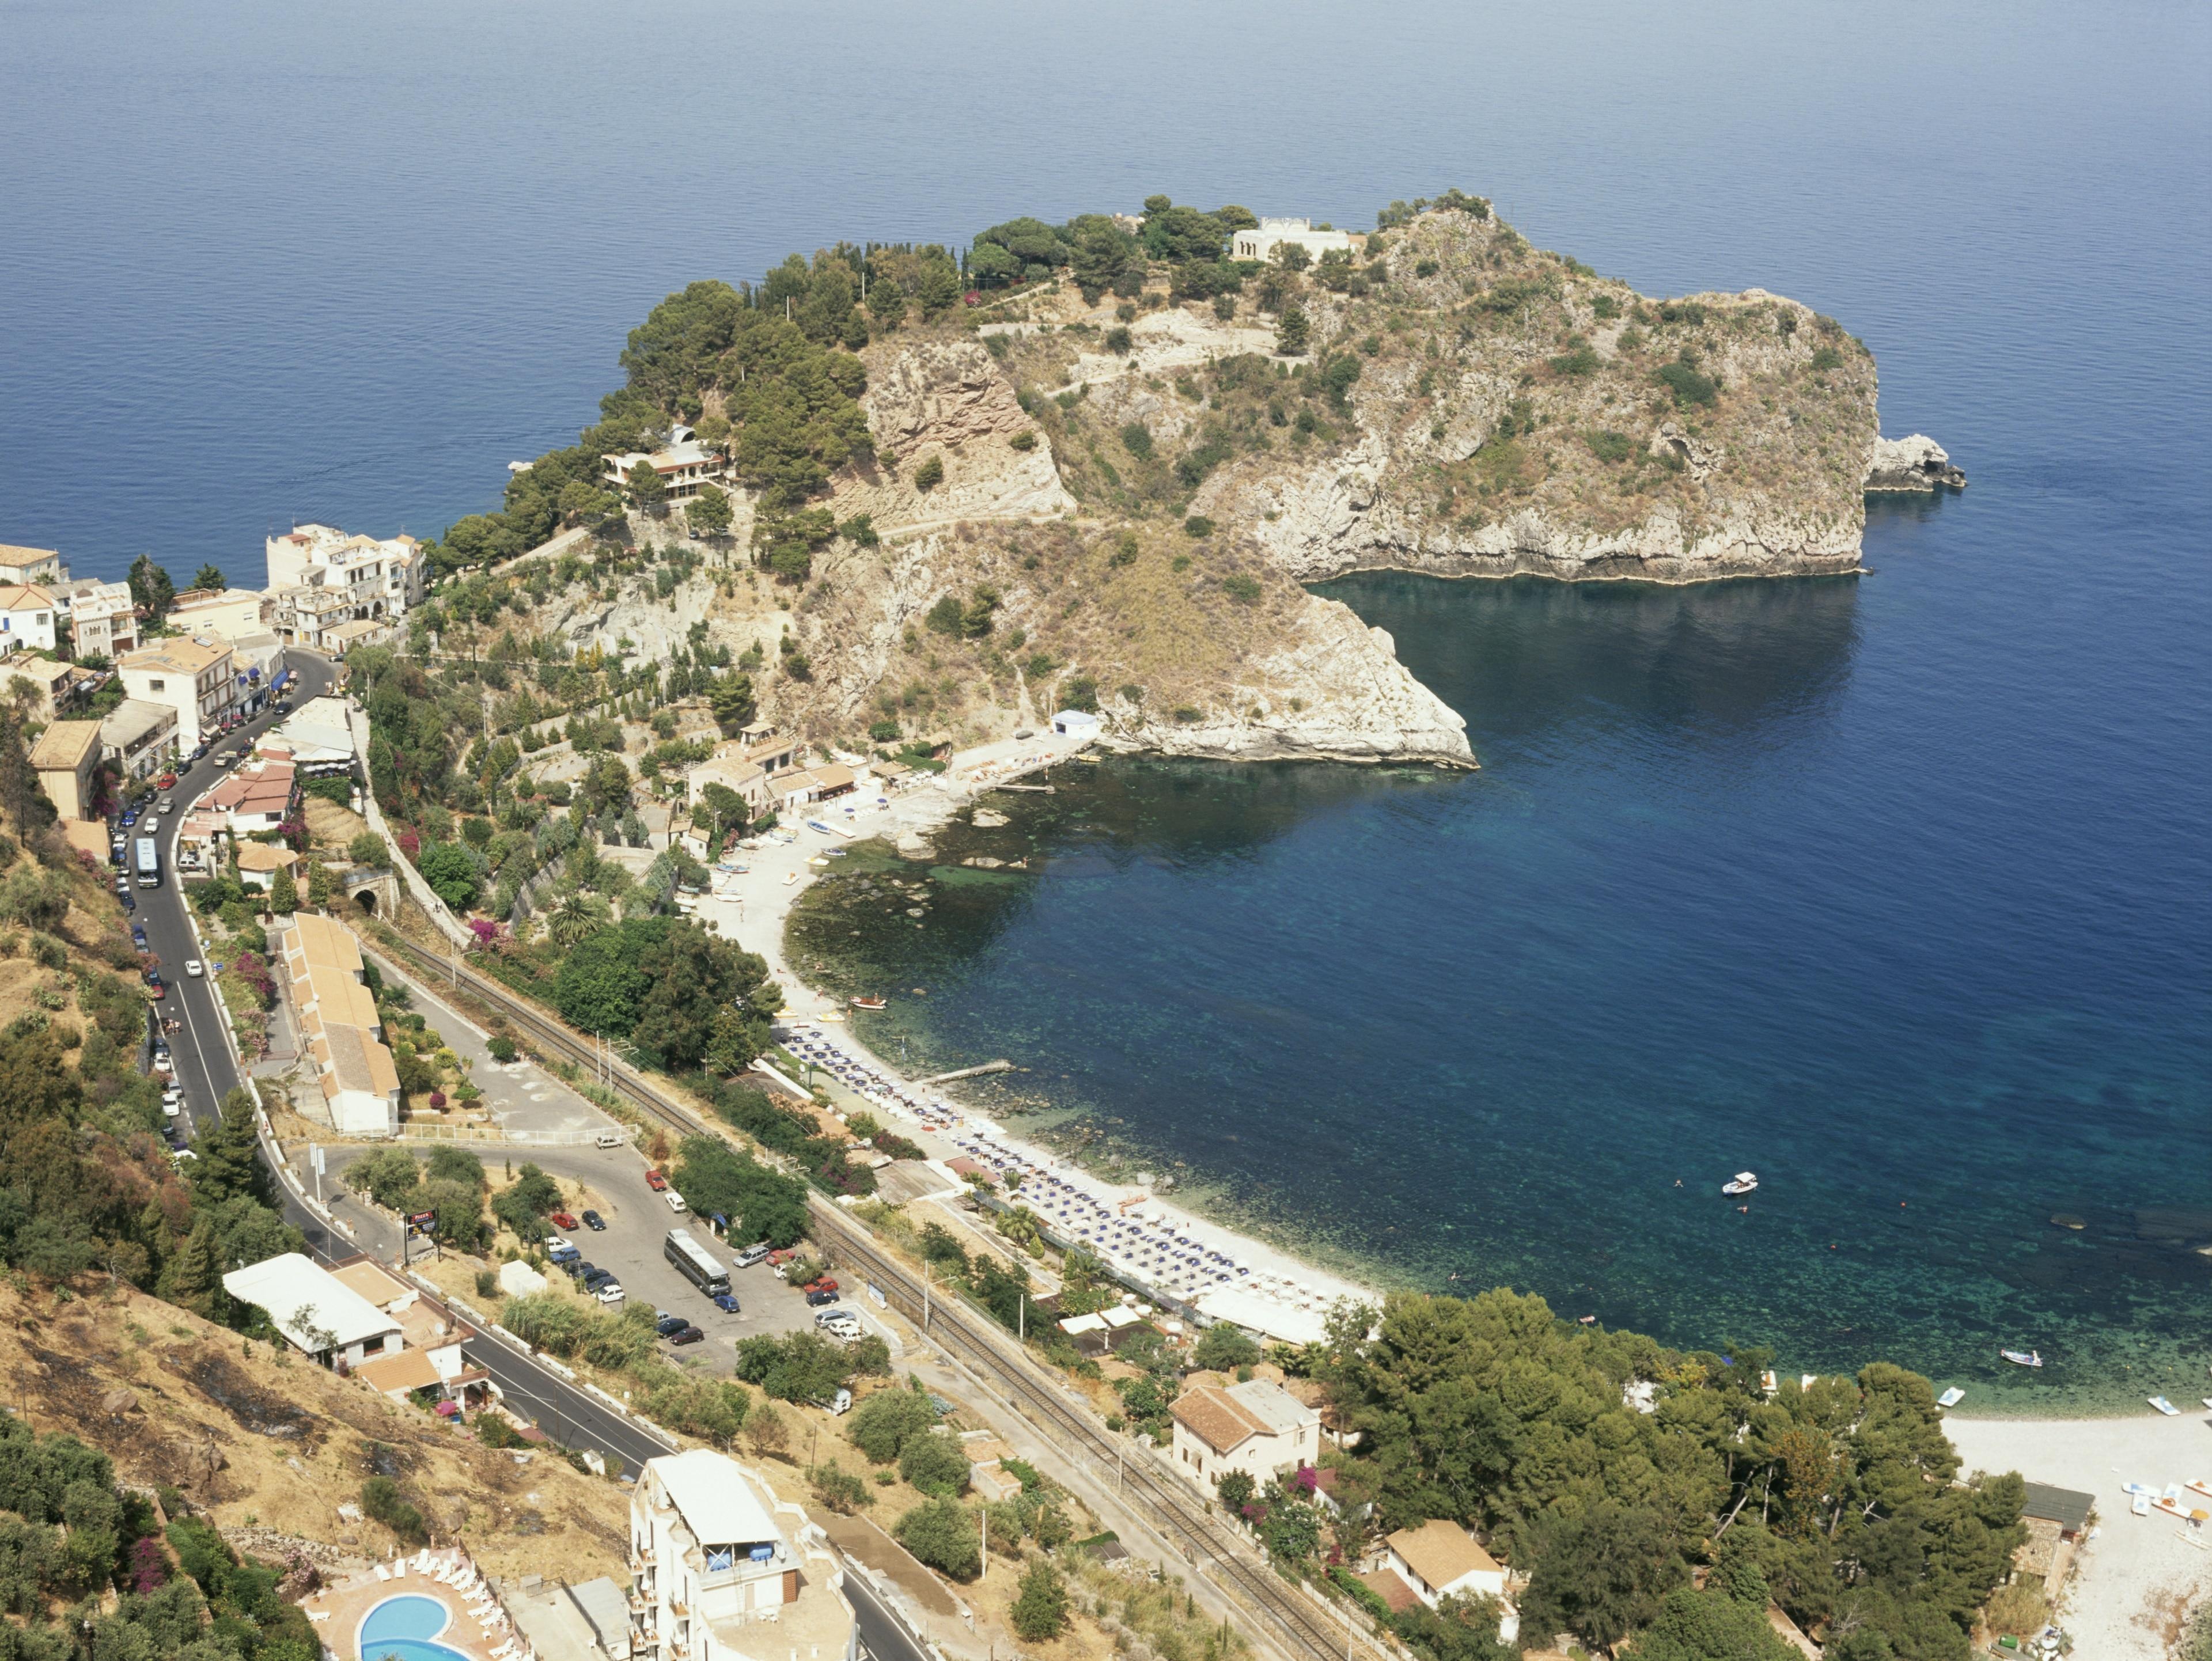 Es geht doch nichts über einen entspannten Tag am Isola Bella, einem beliebten Strand in Taormina. Schlendern Sie an der Küste entlang oder erkunden Sie die erstklassigen Restaurants der Gegend.